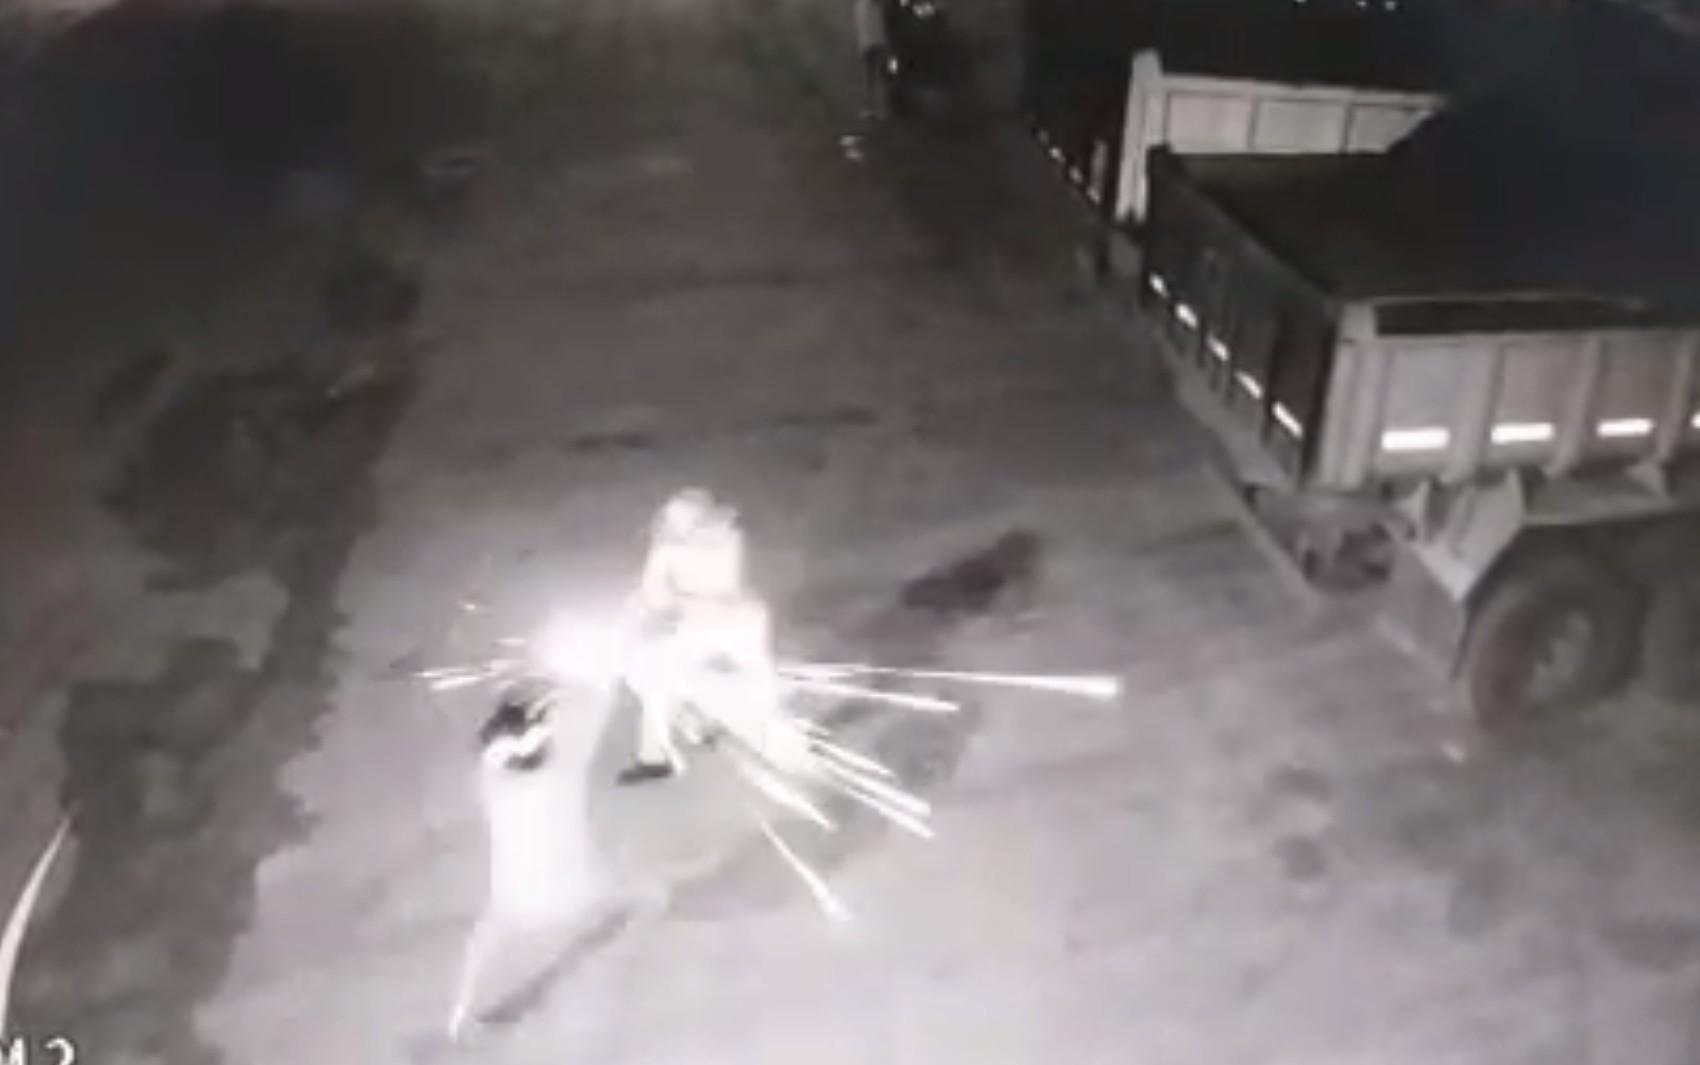 Vigilante de 76 anos mata um suspeito, atira em outro e impede furto em Jataí, diz polícia; vídeo